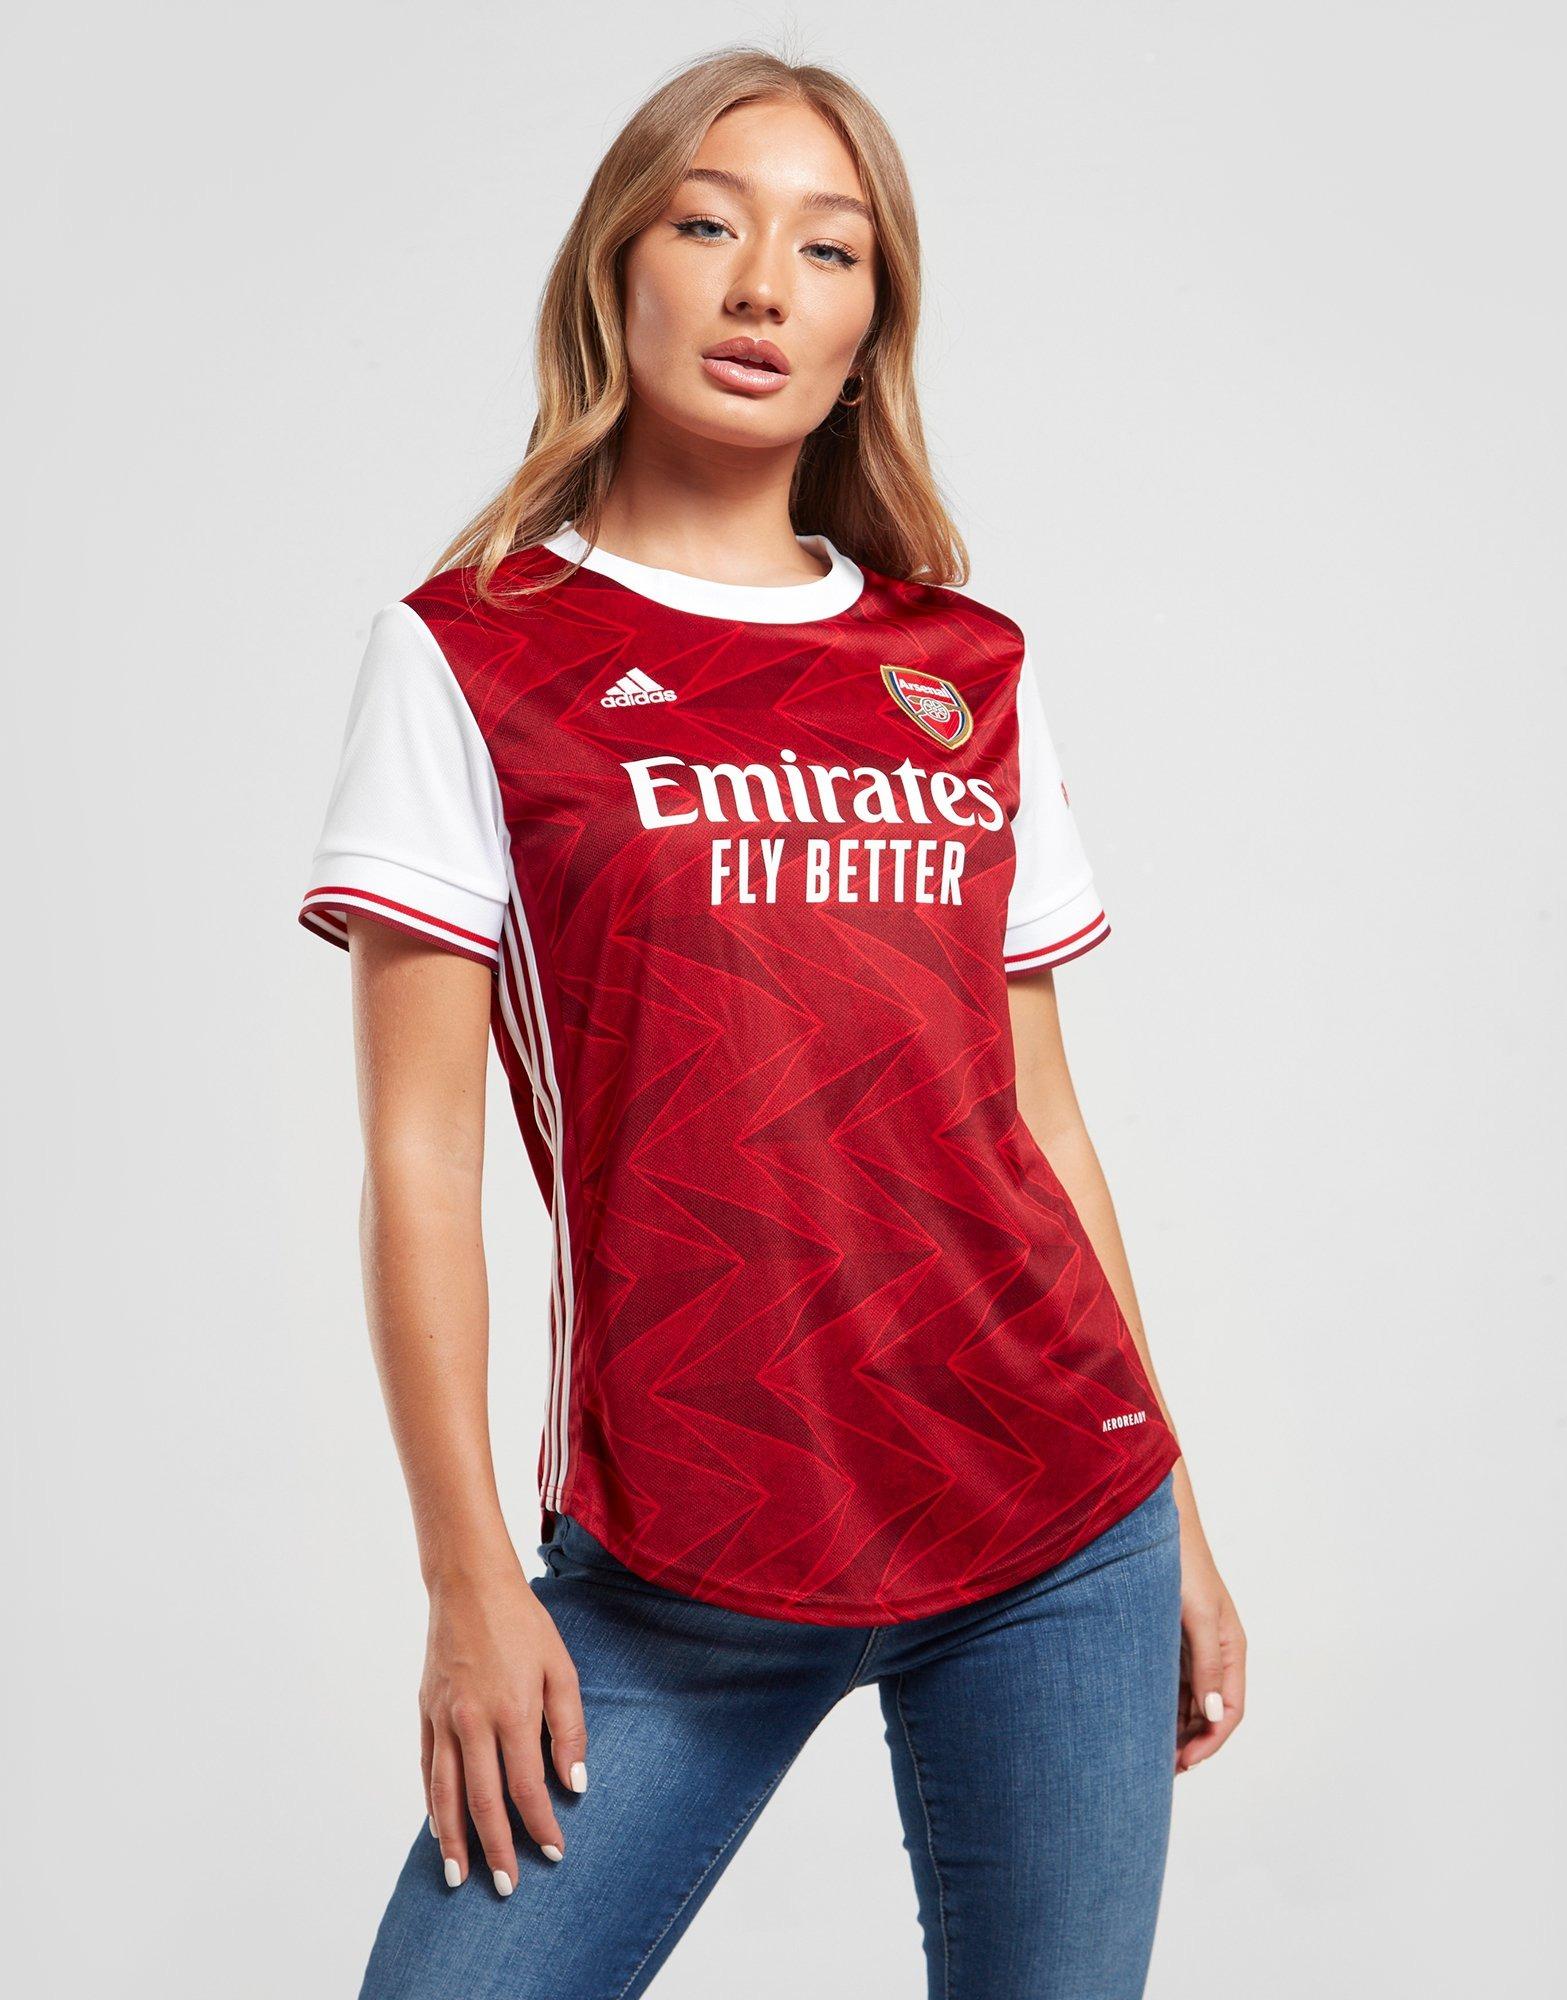 Comparación boicotear atlántico  Buy Red adidas Arsenal FC 2020/21 Home Shirt Women's